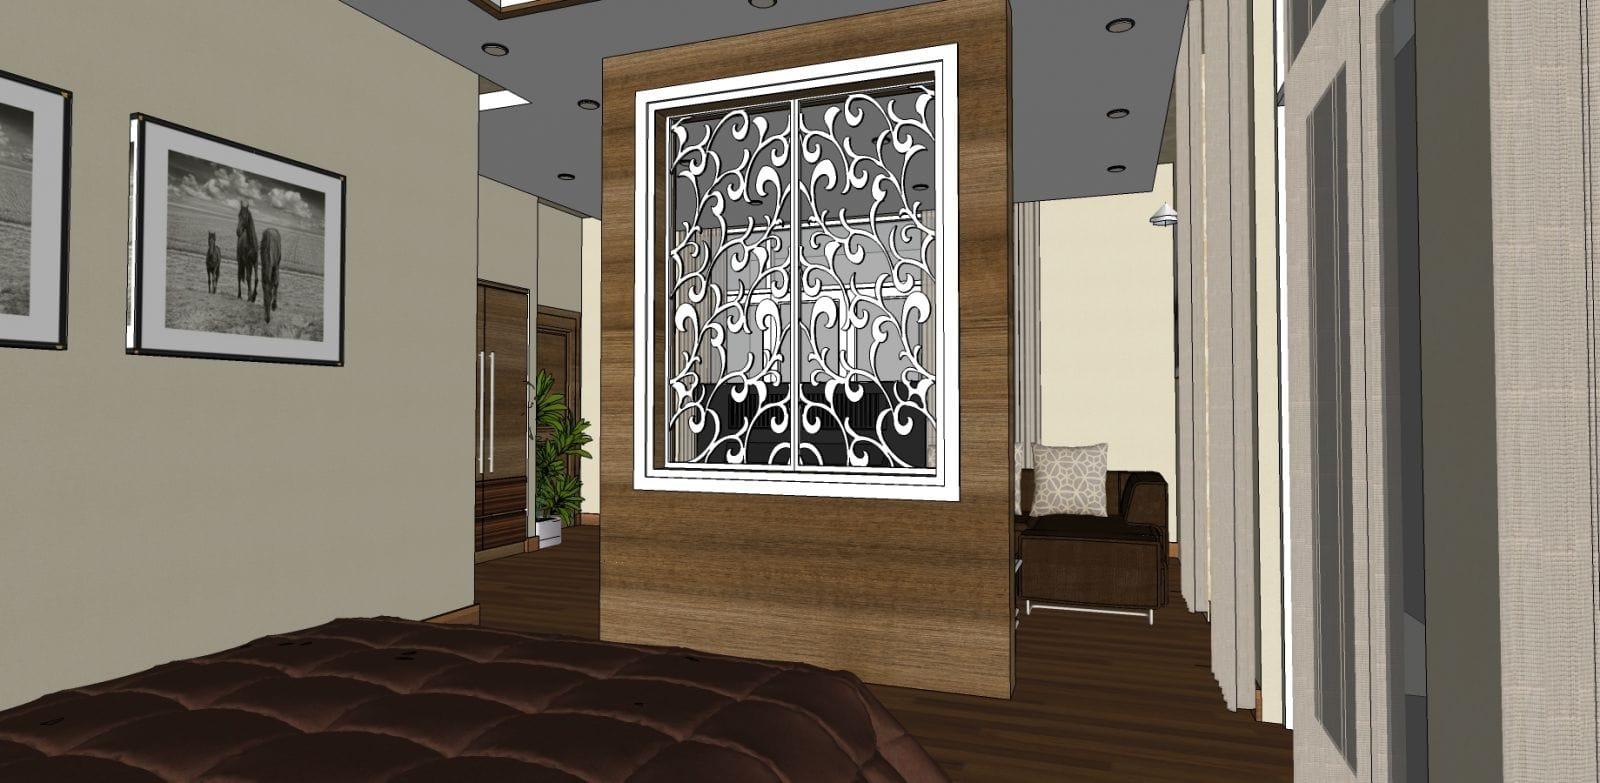 Góc thiết kế phòng ngủ